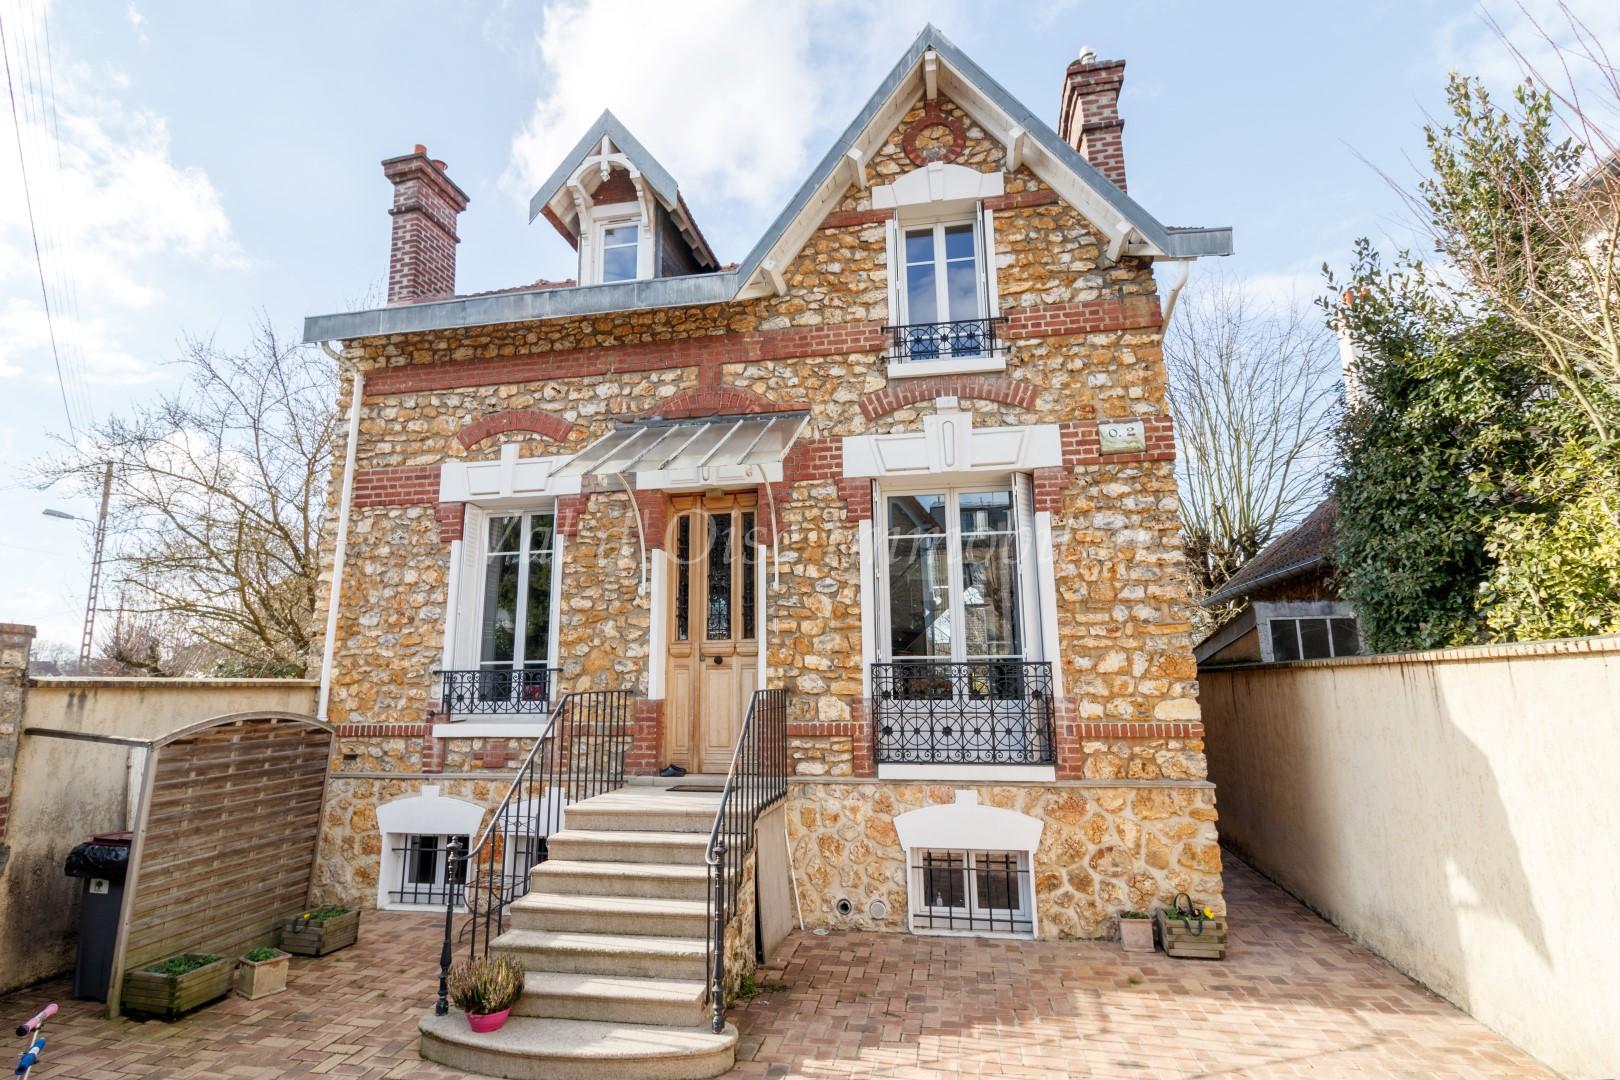 Maison 7 Pièces – Taverny Vaucelles – EXCLUSIVITE